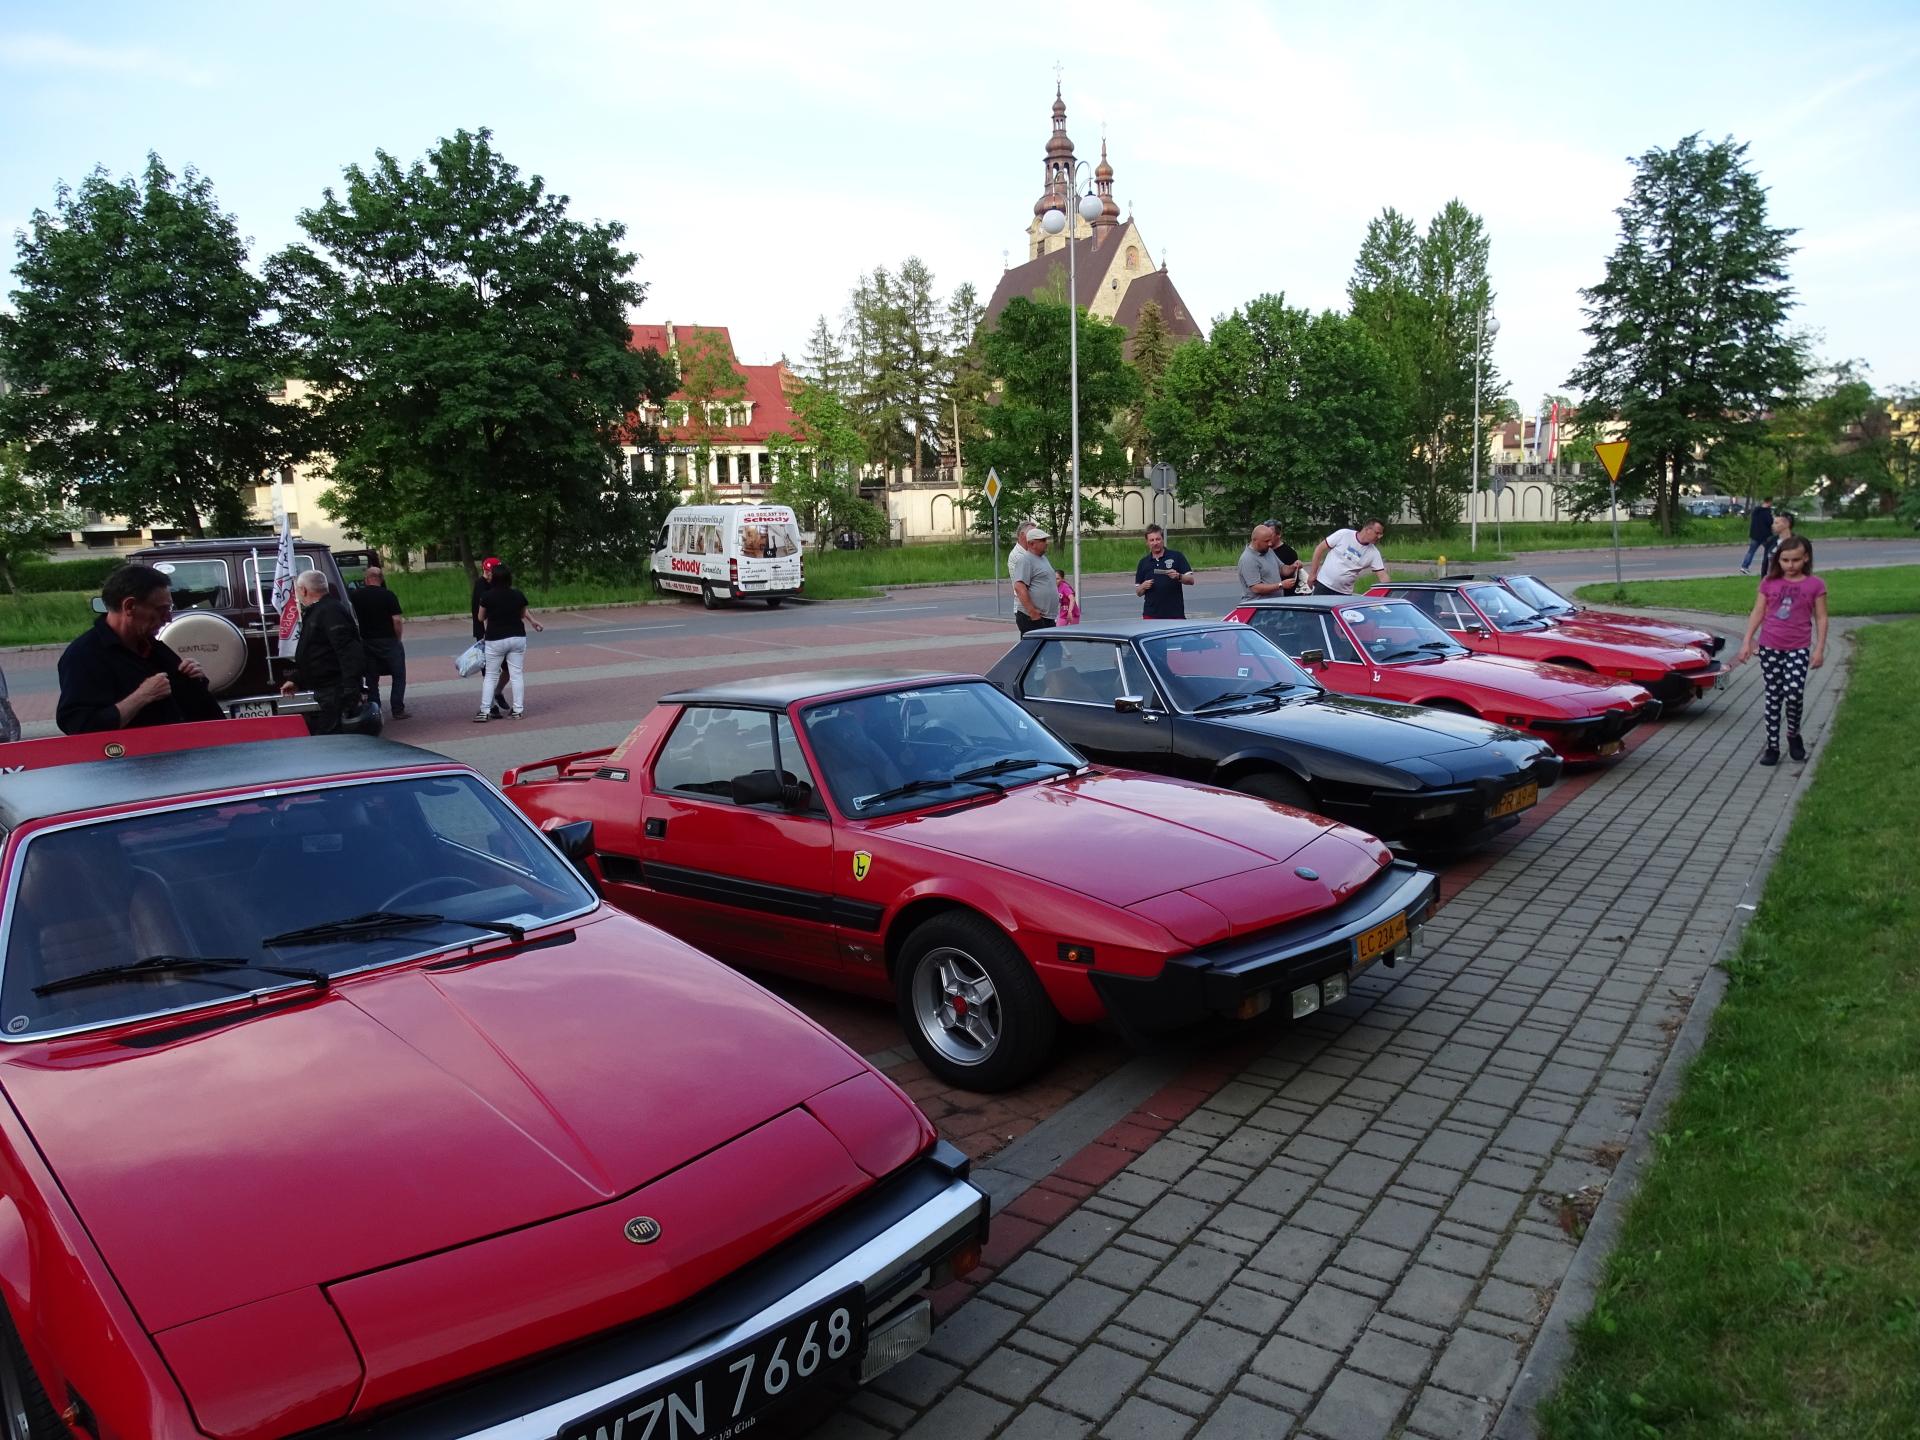 http://images72.fotosik.pl/481/fdca23d0206339f3.jpg